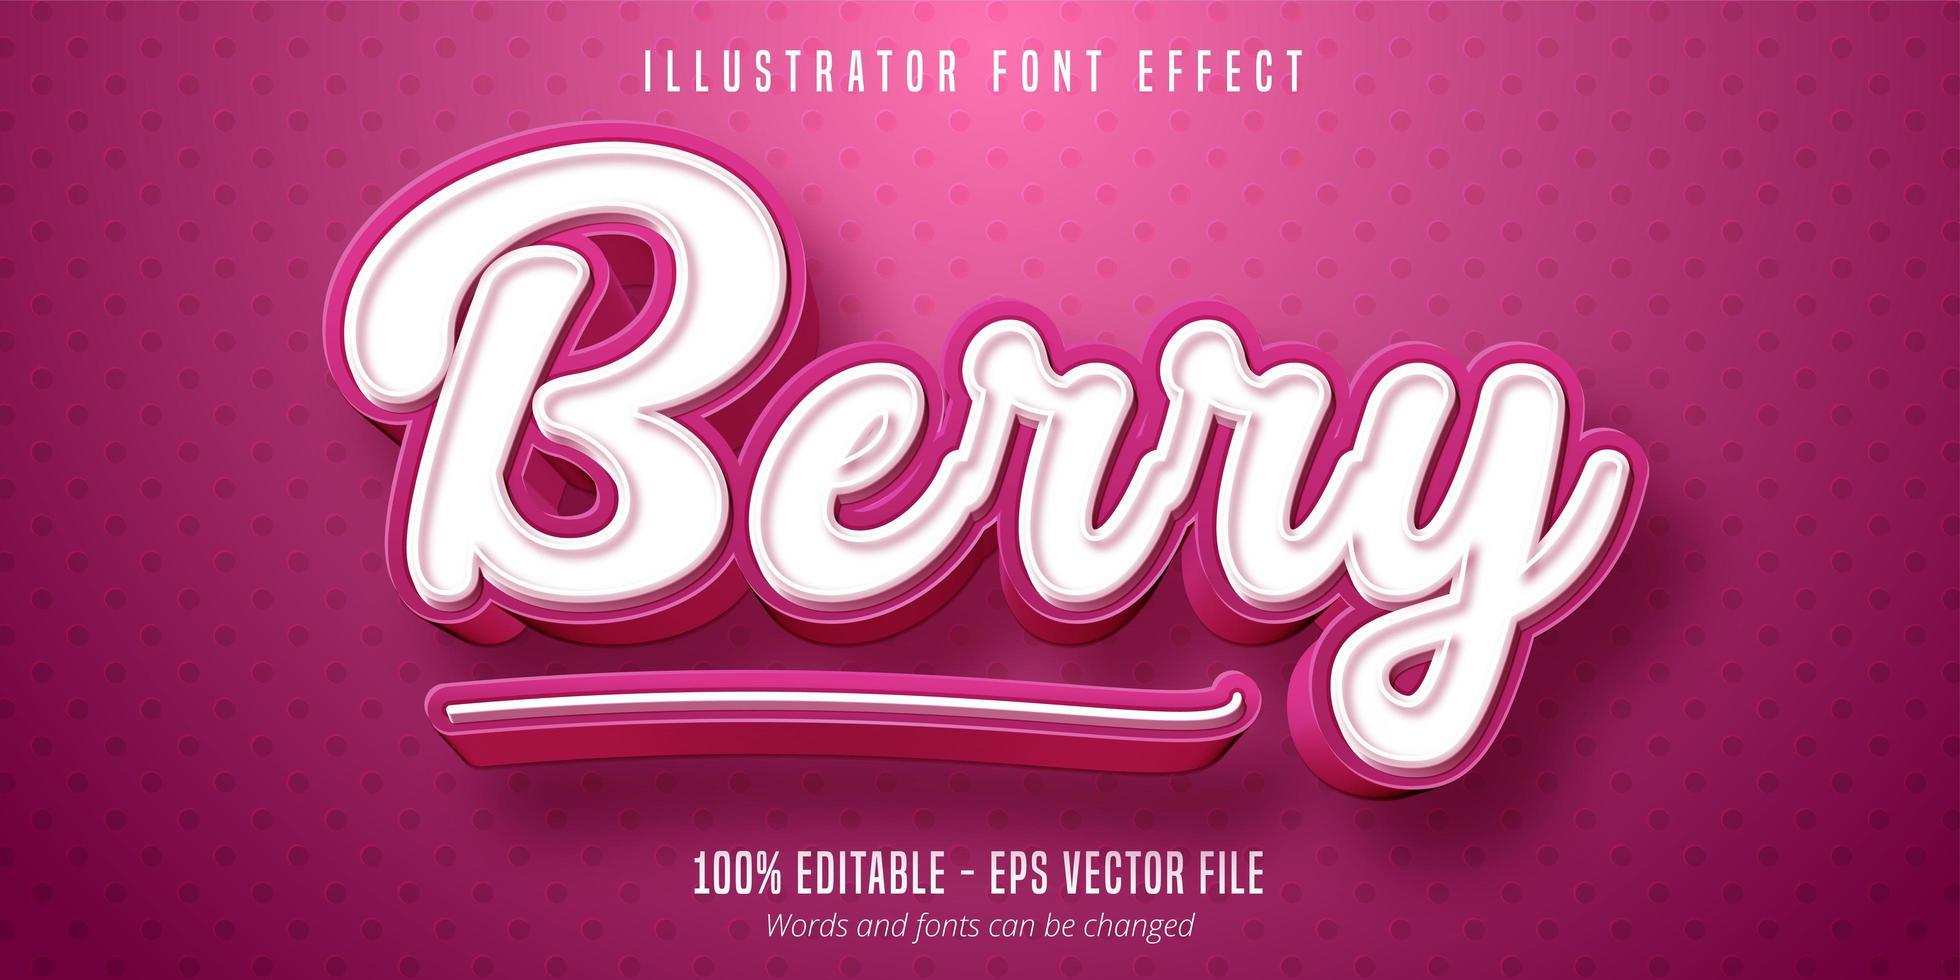 Beerentext-Effekt vektor